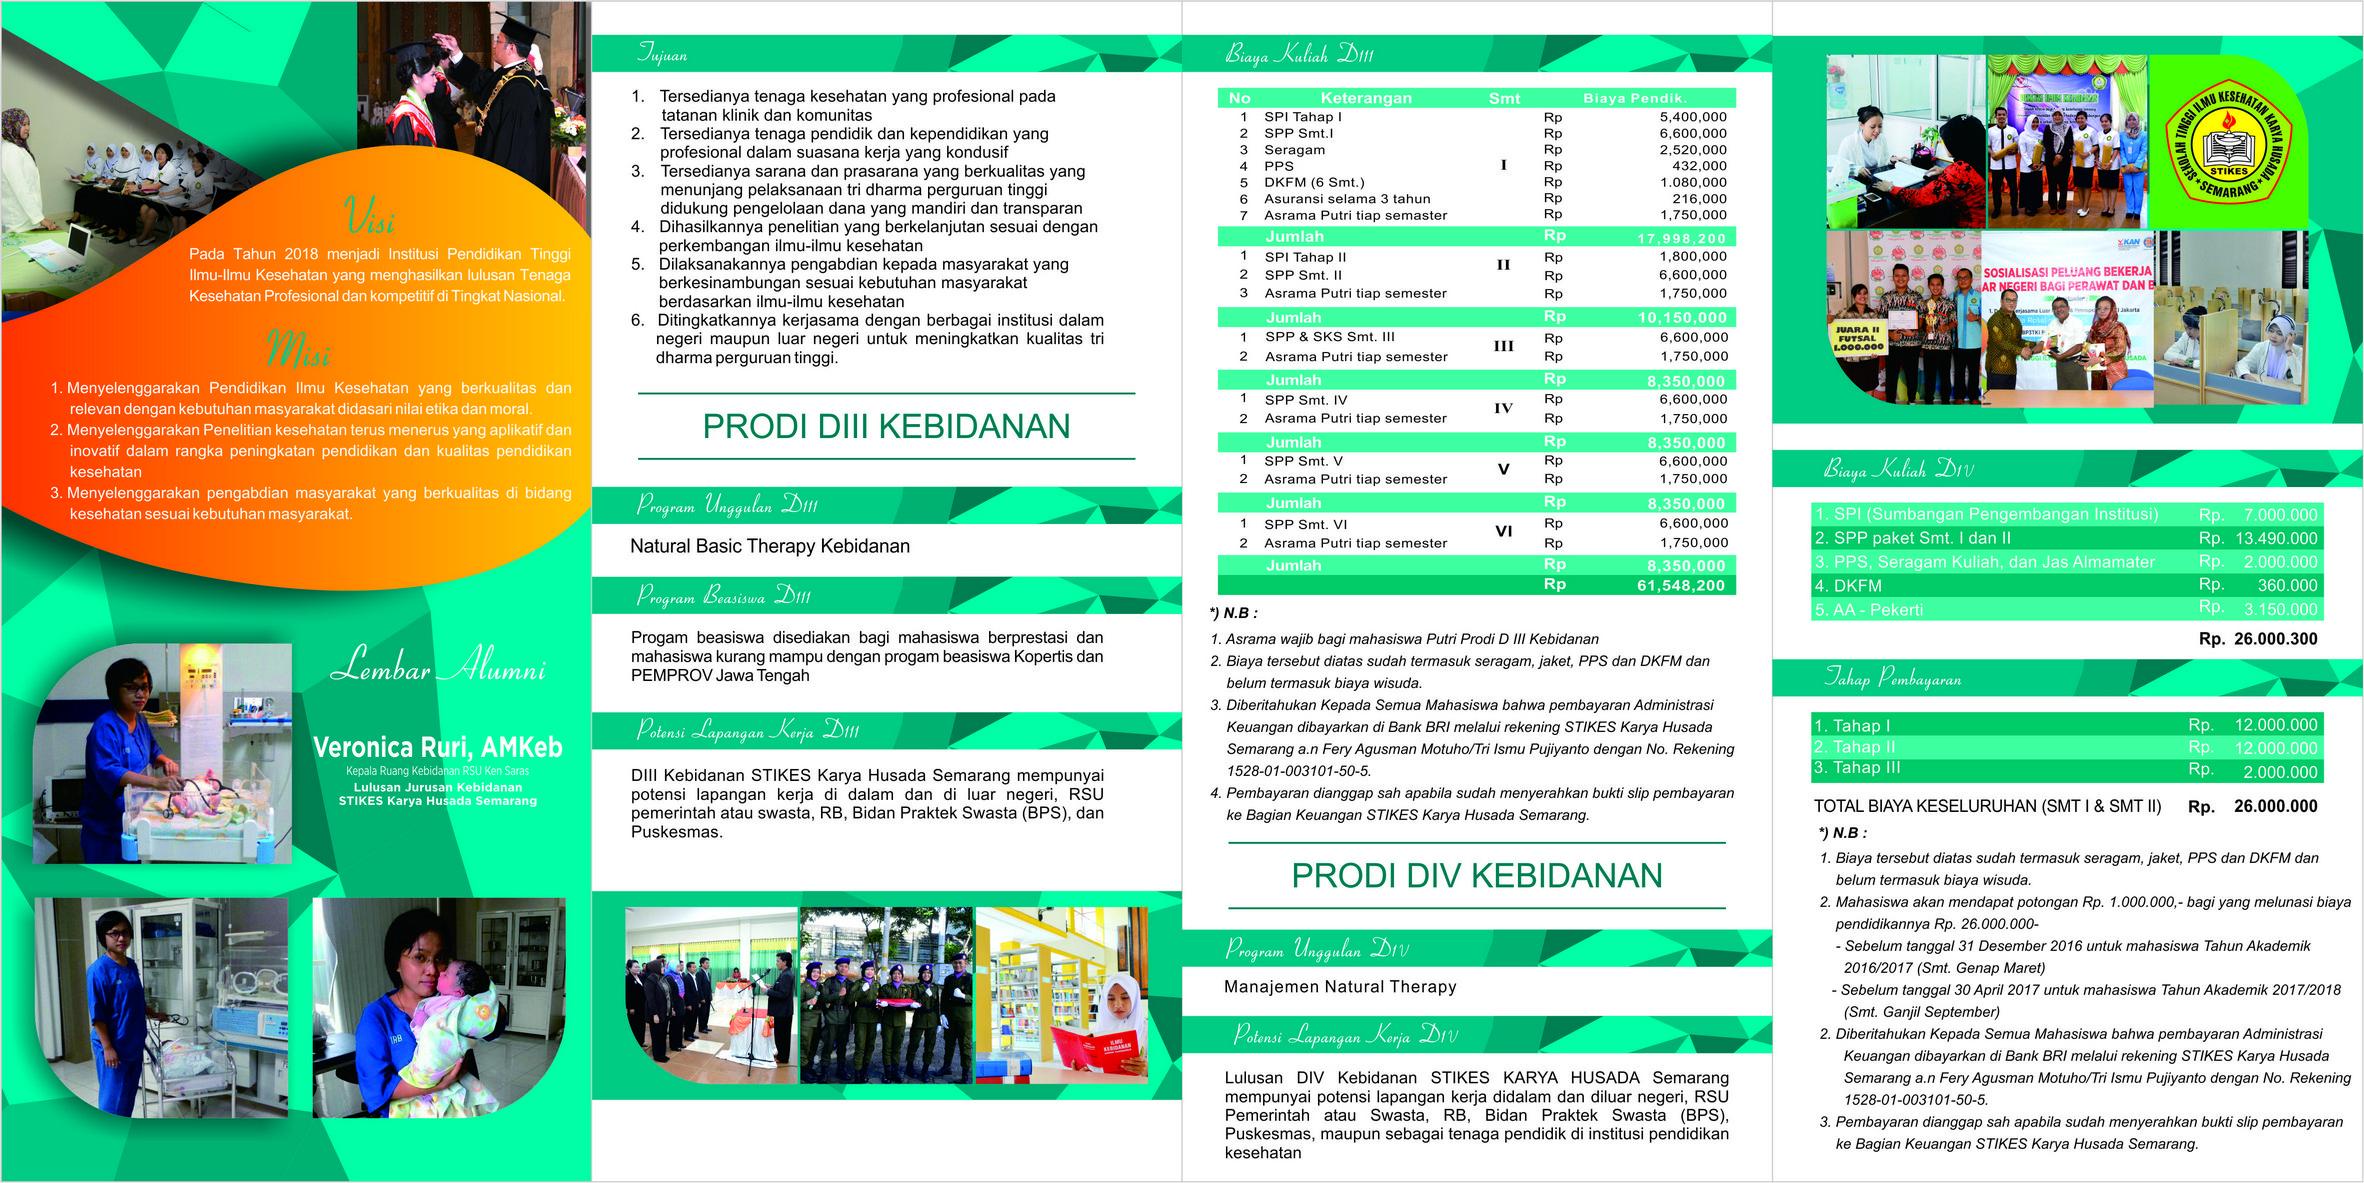 Sekolah Tinggi Ilmu Kesehatan Karya Husada Semarang